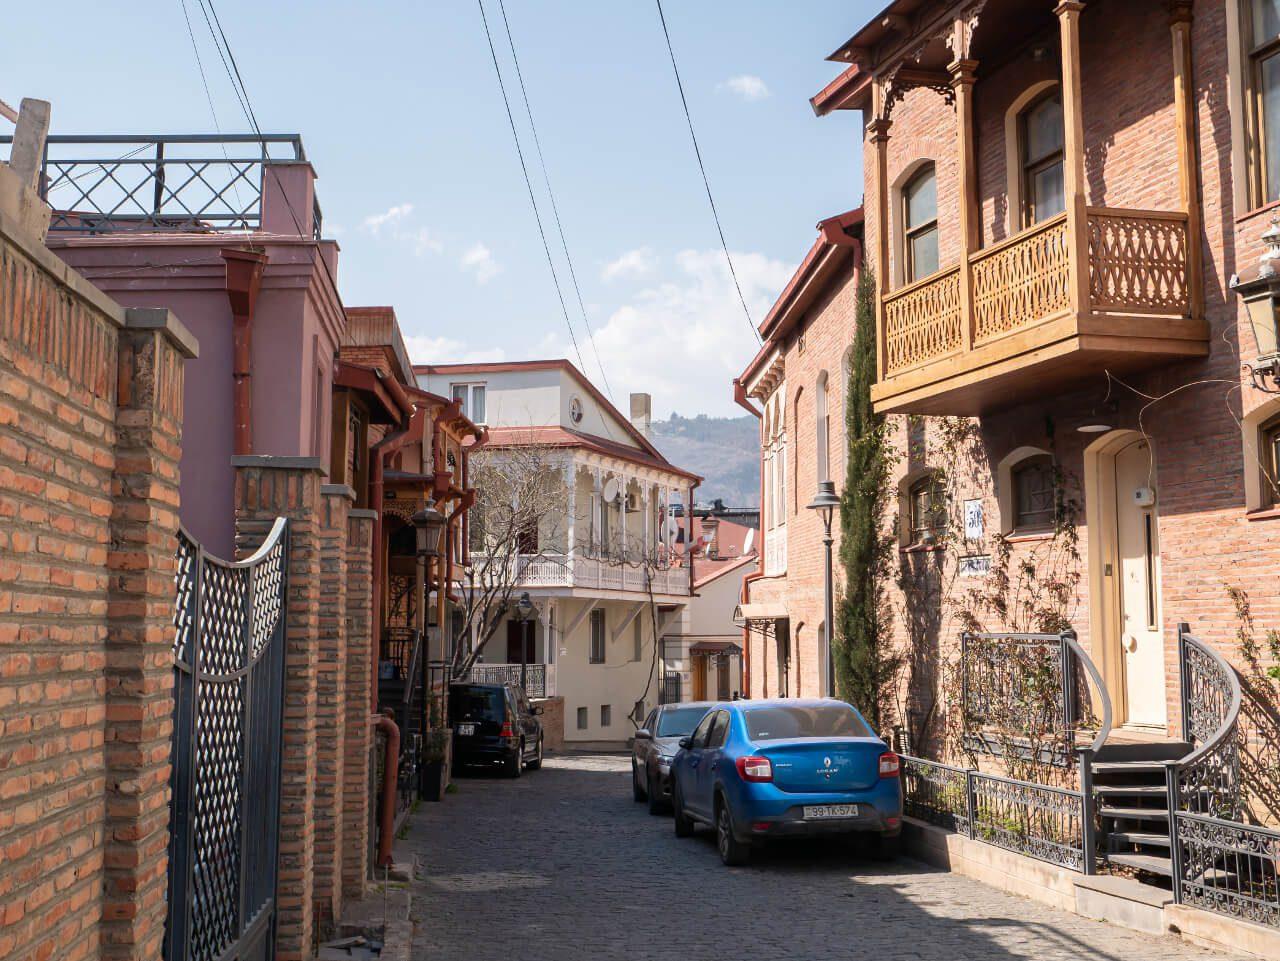 Uliczka dzielnicy Betlemi w Tbilisi